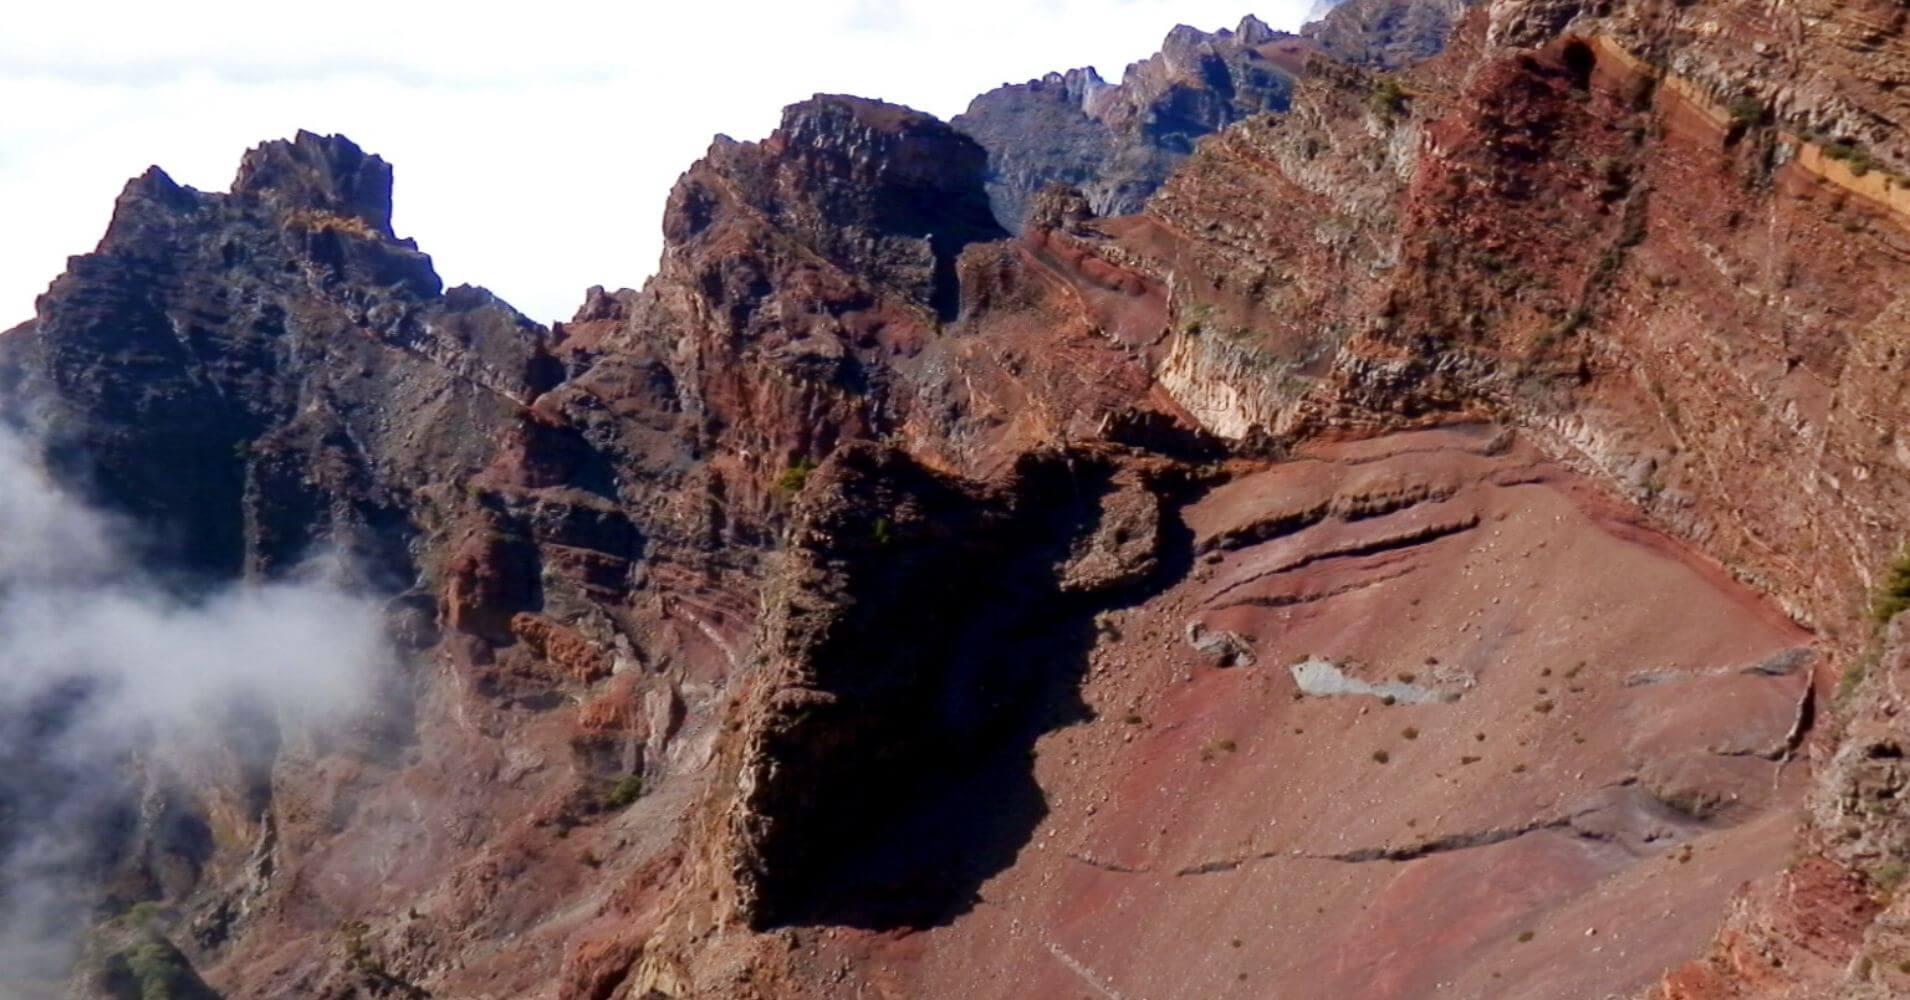 Parque Nacional Caldera de Taburiente. Isla de La Palma. Canarias.